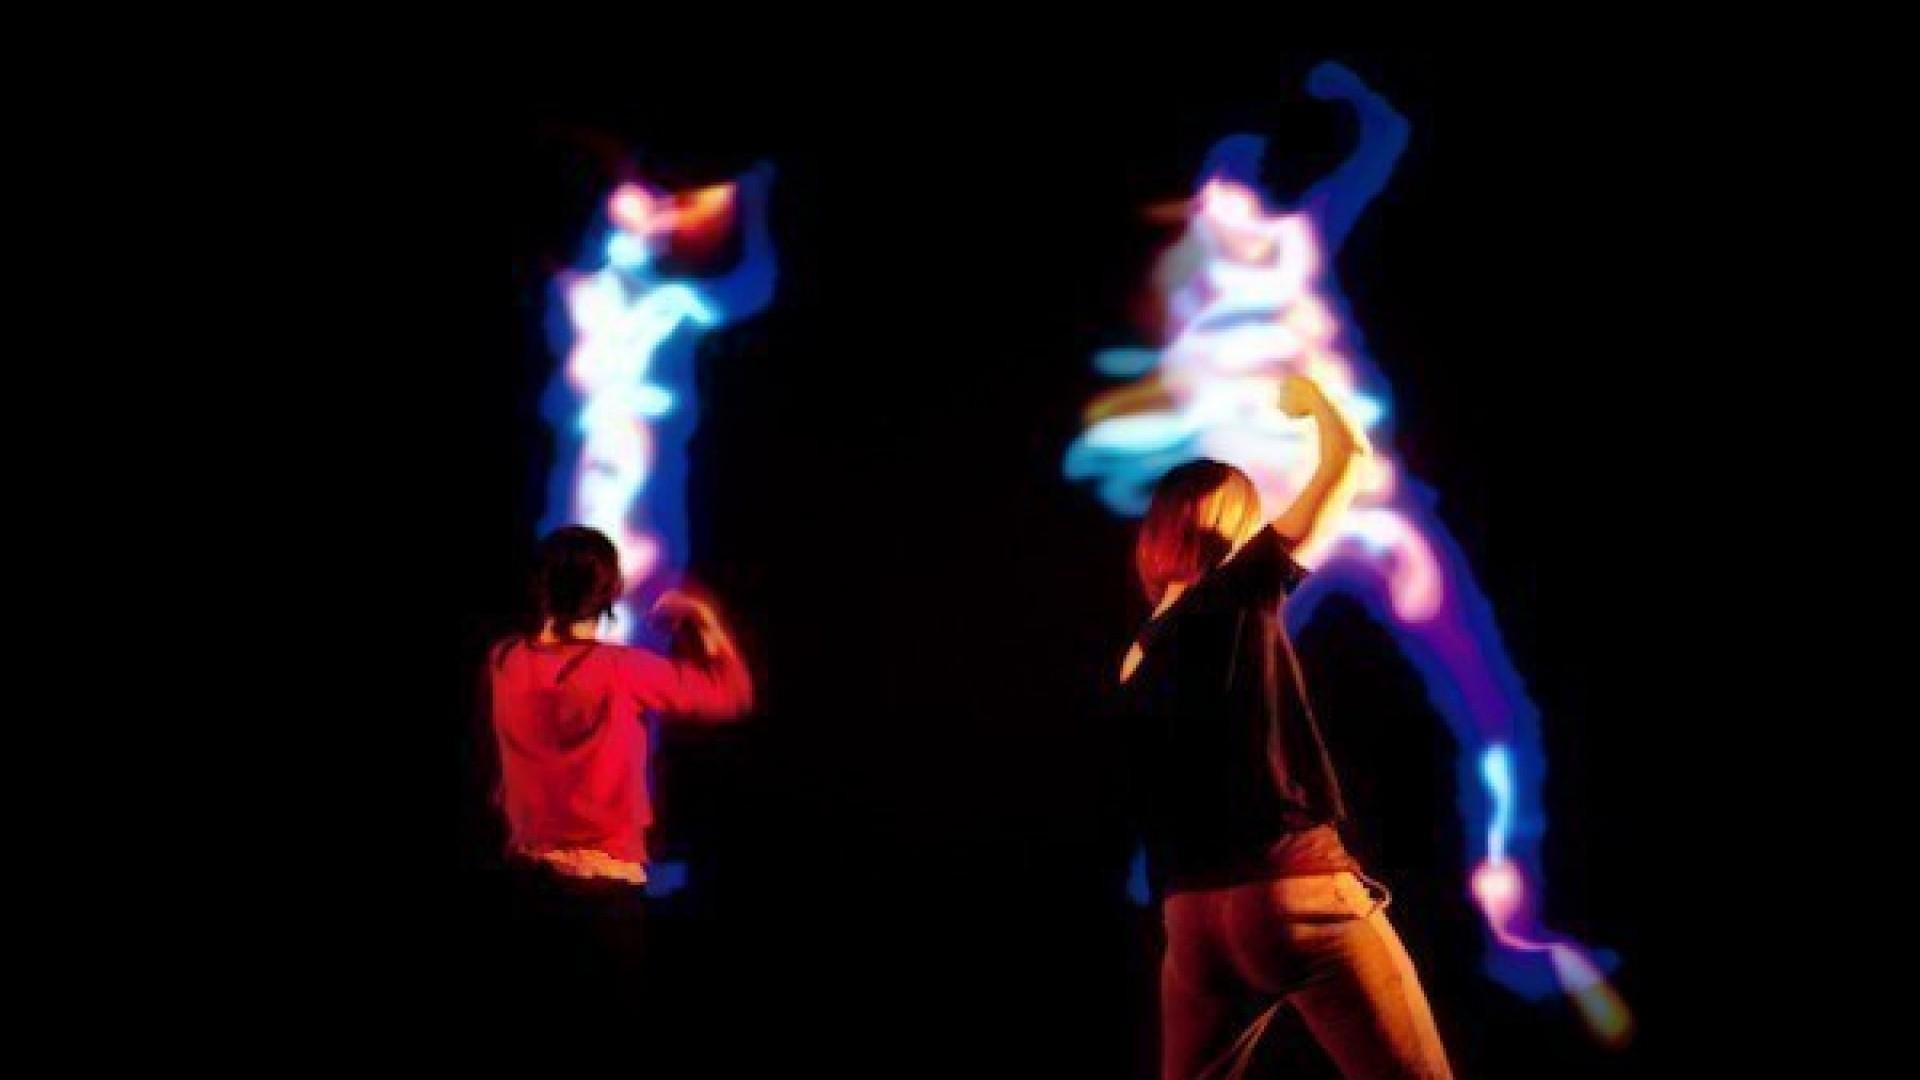 Танцевальная спектроскопия: мы только атомы и энергии